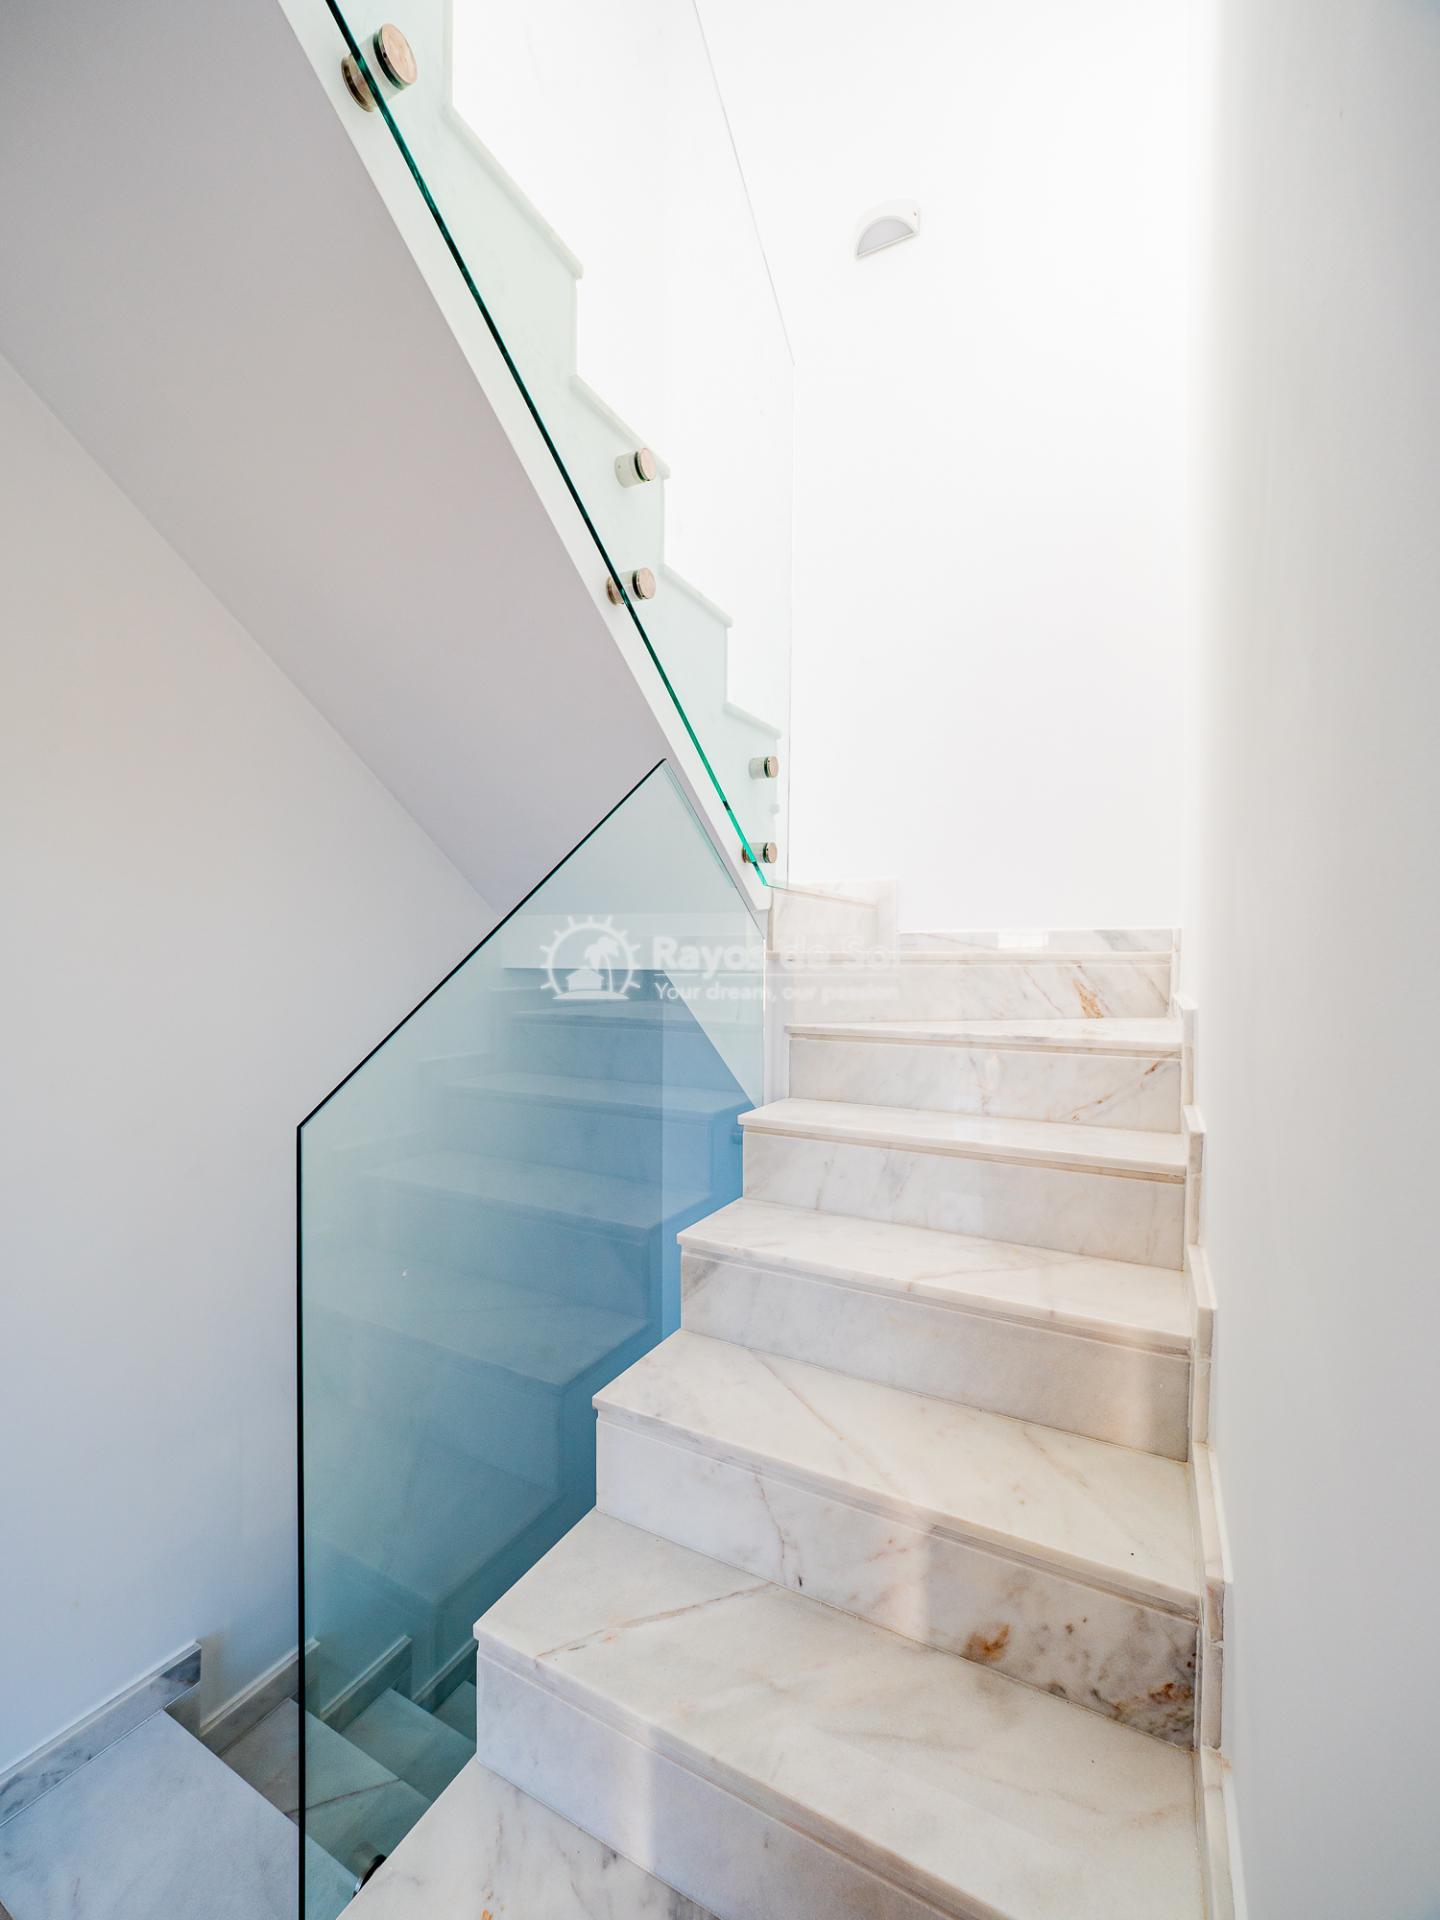 Newbuild villas in La Finca, Algorfa, Costa Blanca (LFHELFV3-2) - 57